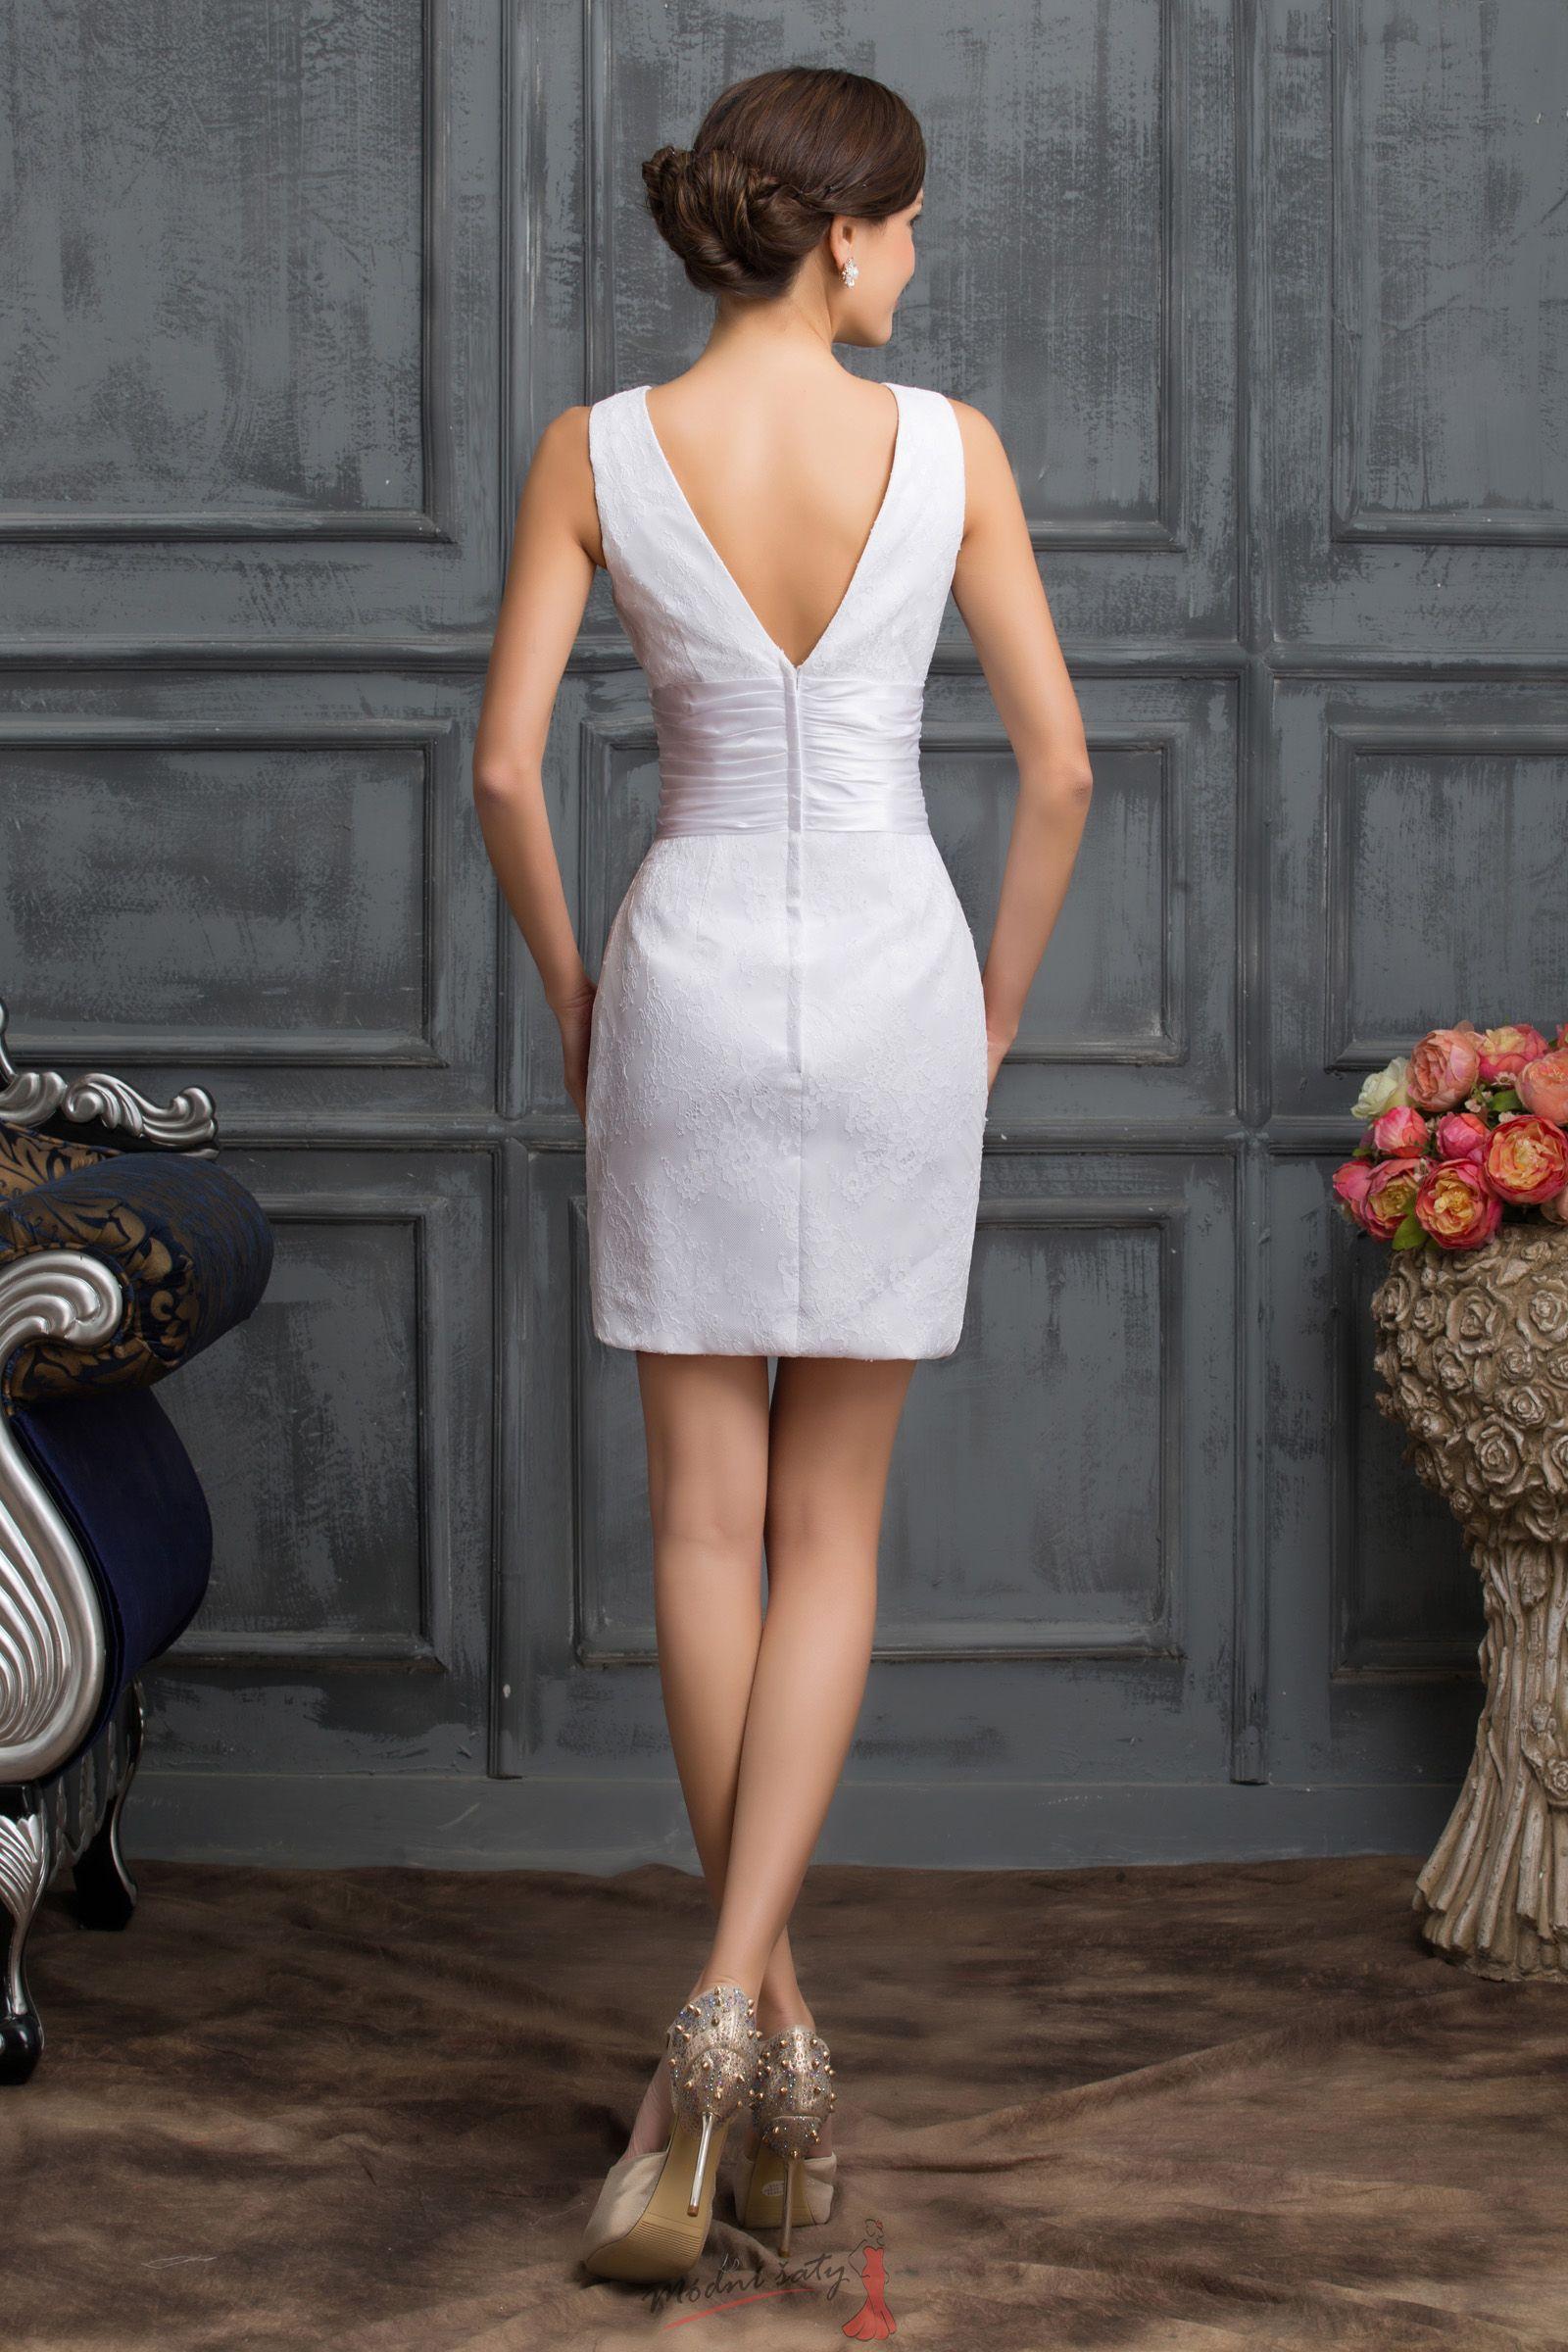 Úzké koktejlové šaty bílé barvy zdobené krajkou 2b2c81bf10